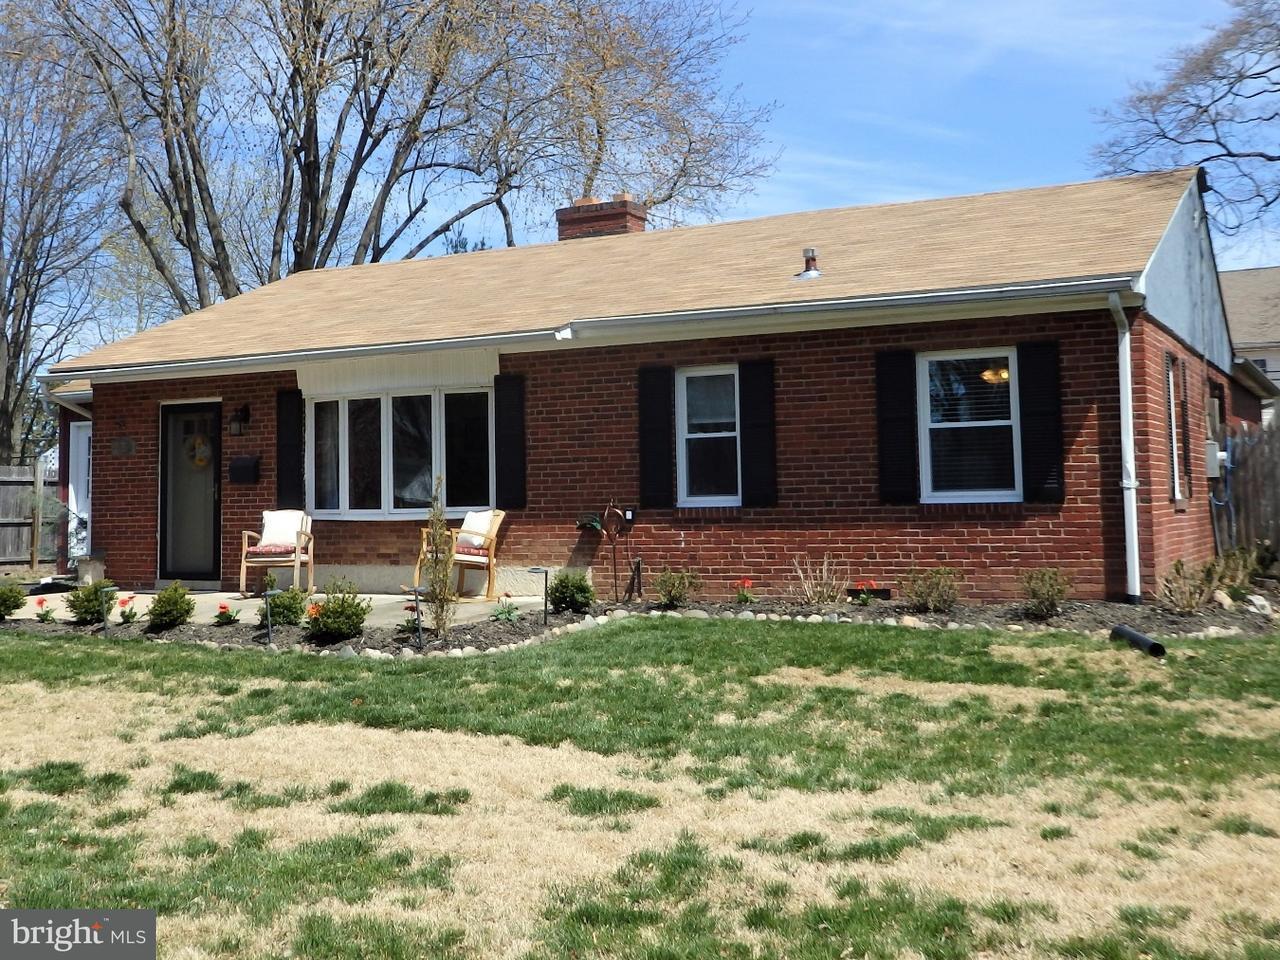 Частный односемейный дом для того Продажа на 2025 WOODSIDE Lane Broomall, Пенсильвания 19008 Соединенные Штаты